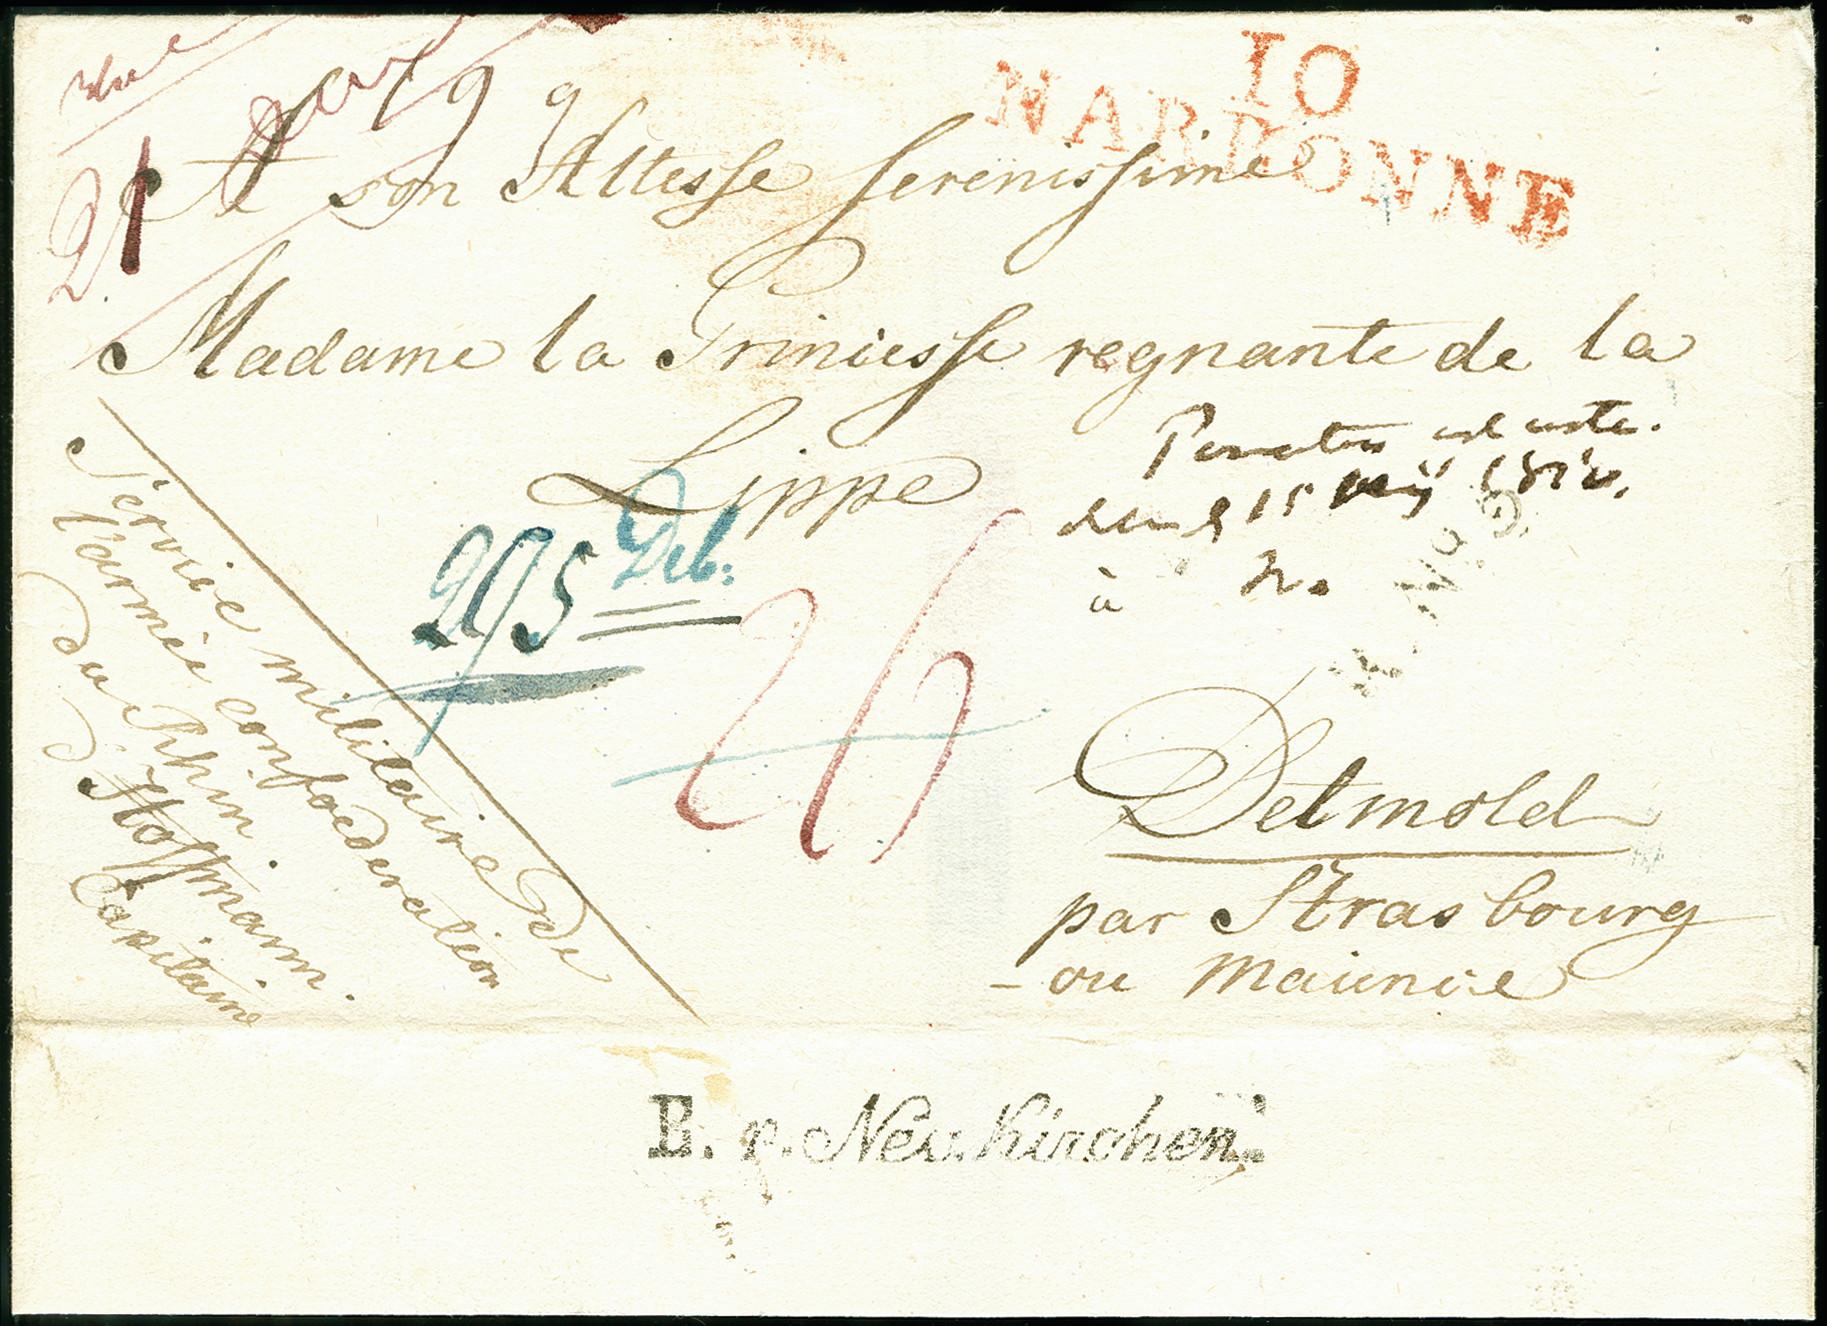 Lot 8003 - preussen prussia - cancellations -  Heinrich Koehler Auktionen 375rd Heinrich Köhler auction - Day 5